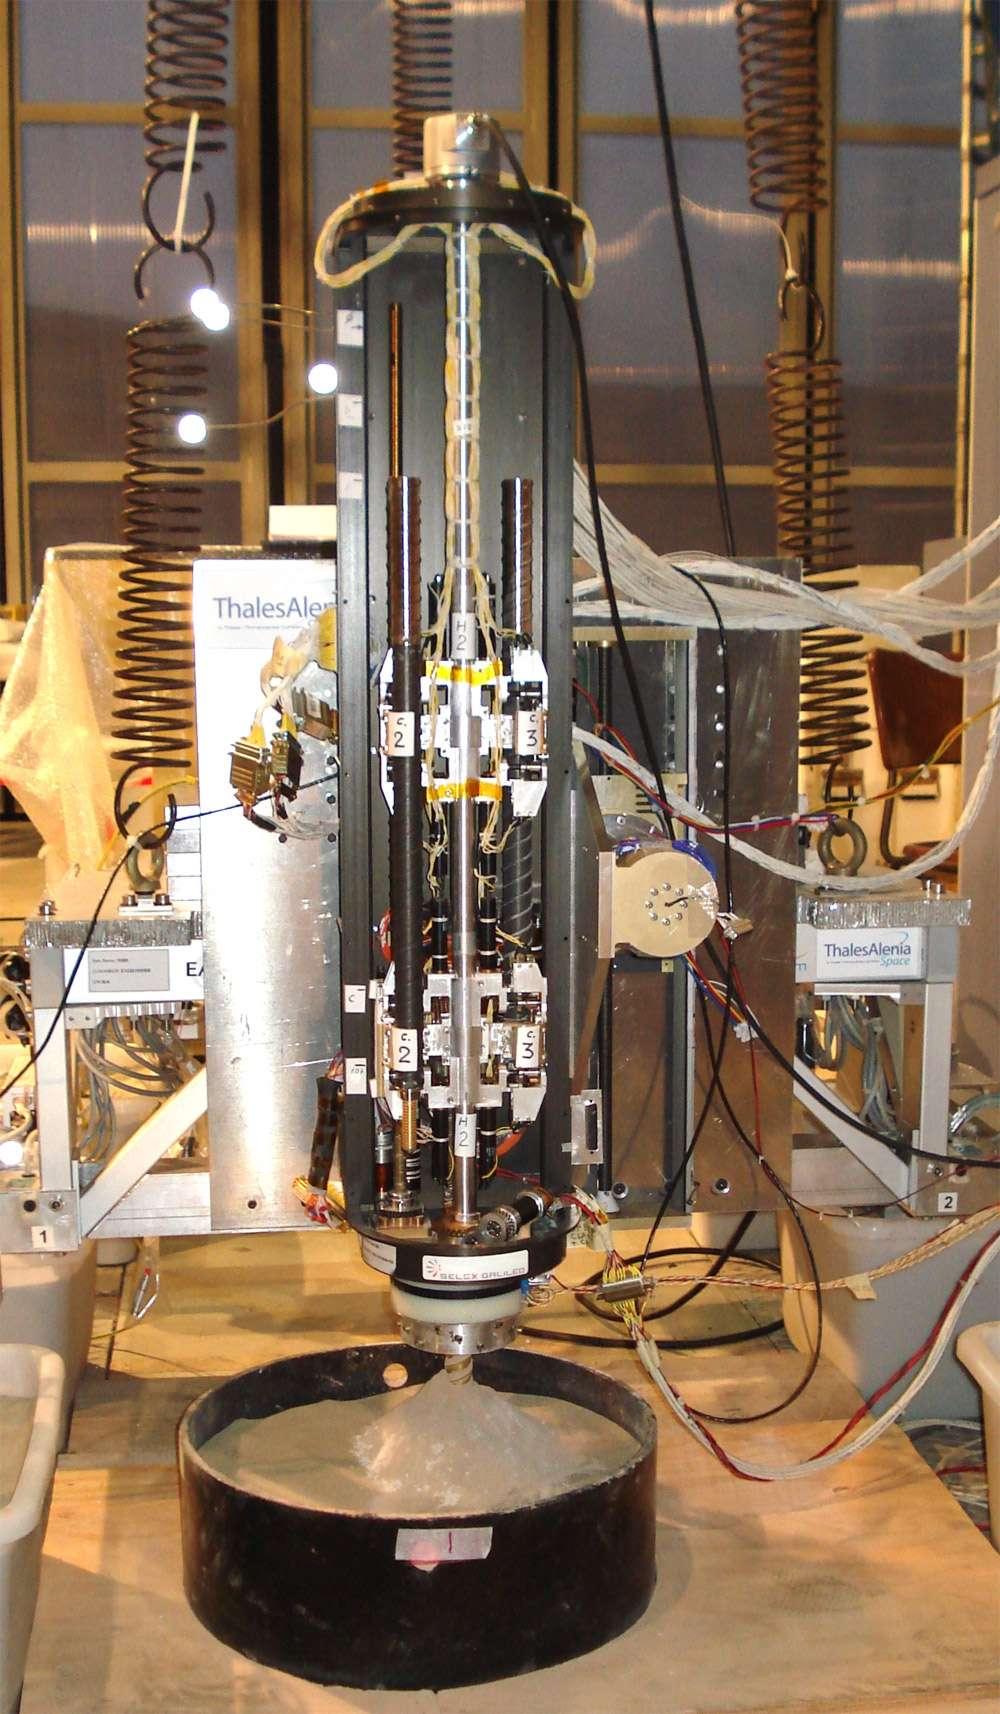 Gros plan sur le mécanisme du foret d'ExoMars 2018. Cette belle mécanique devra fonctionner avec des températures très basses, et percera des trous profonds jusqu'à deux mètres pour y récupérer des échantillons. © Thales Alenia Space